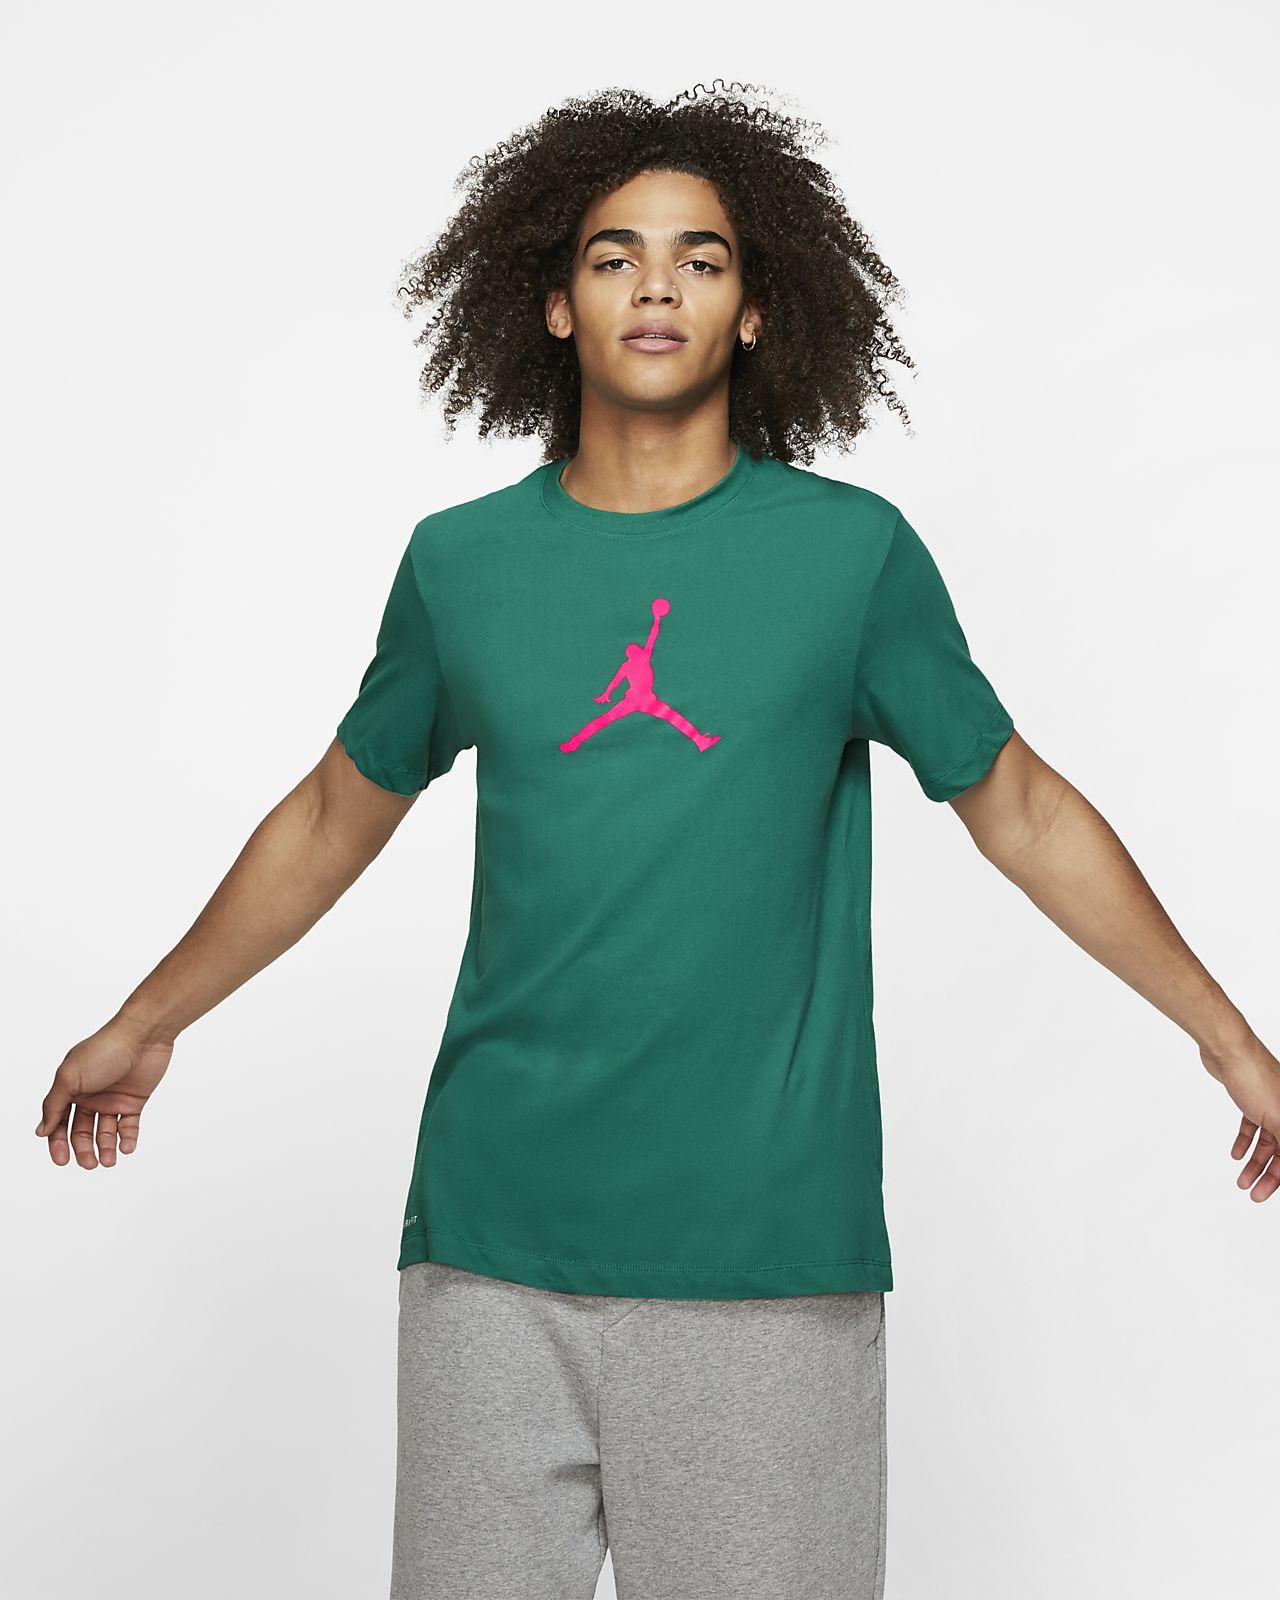 T-shirt da training Jordan Iconic 23/7 - Uomo